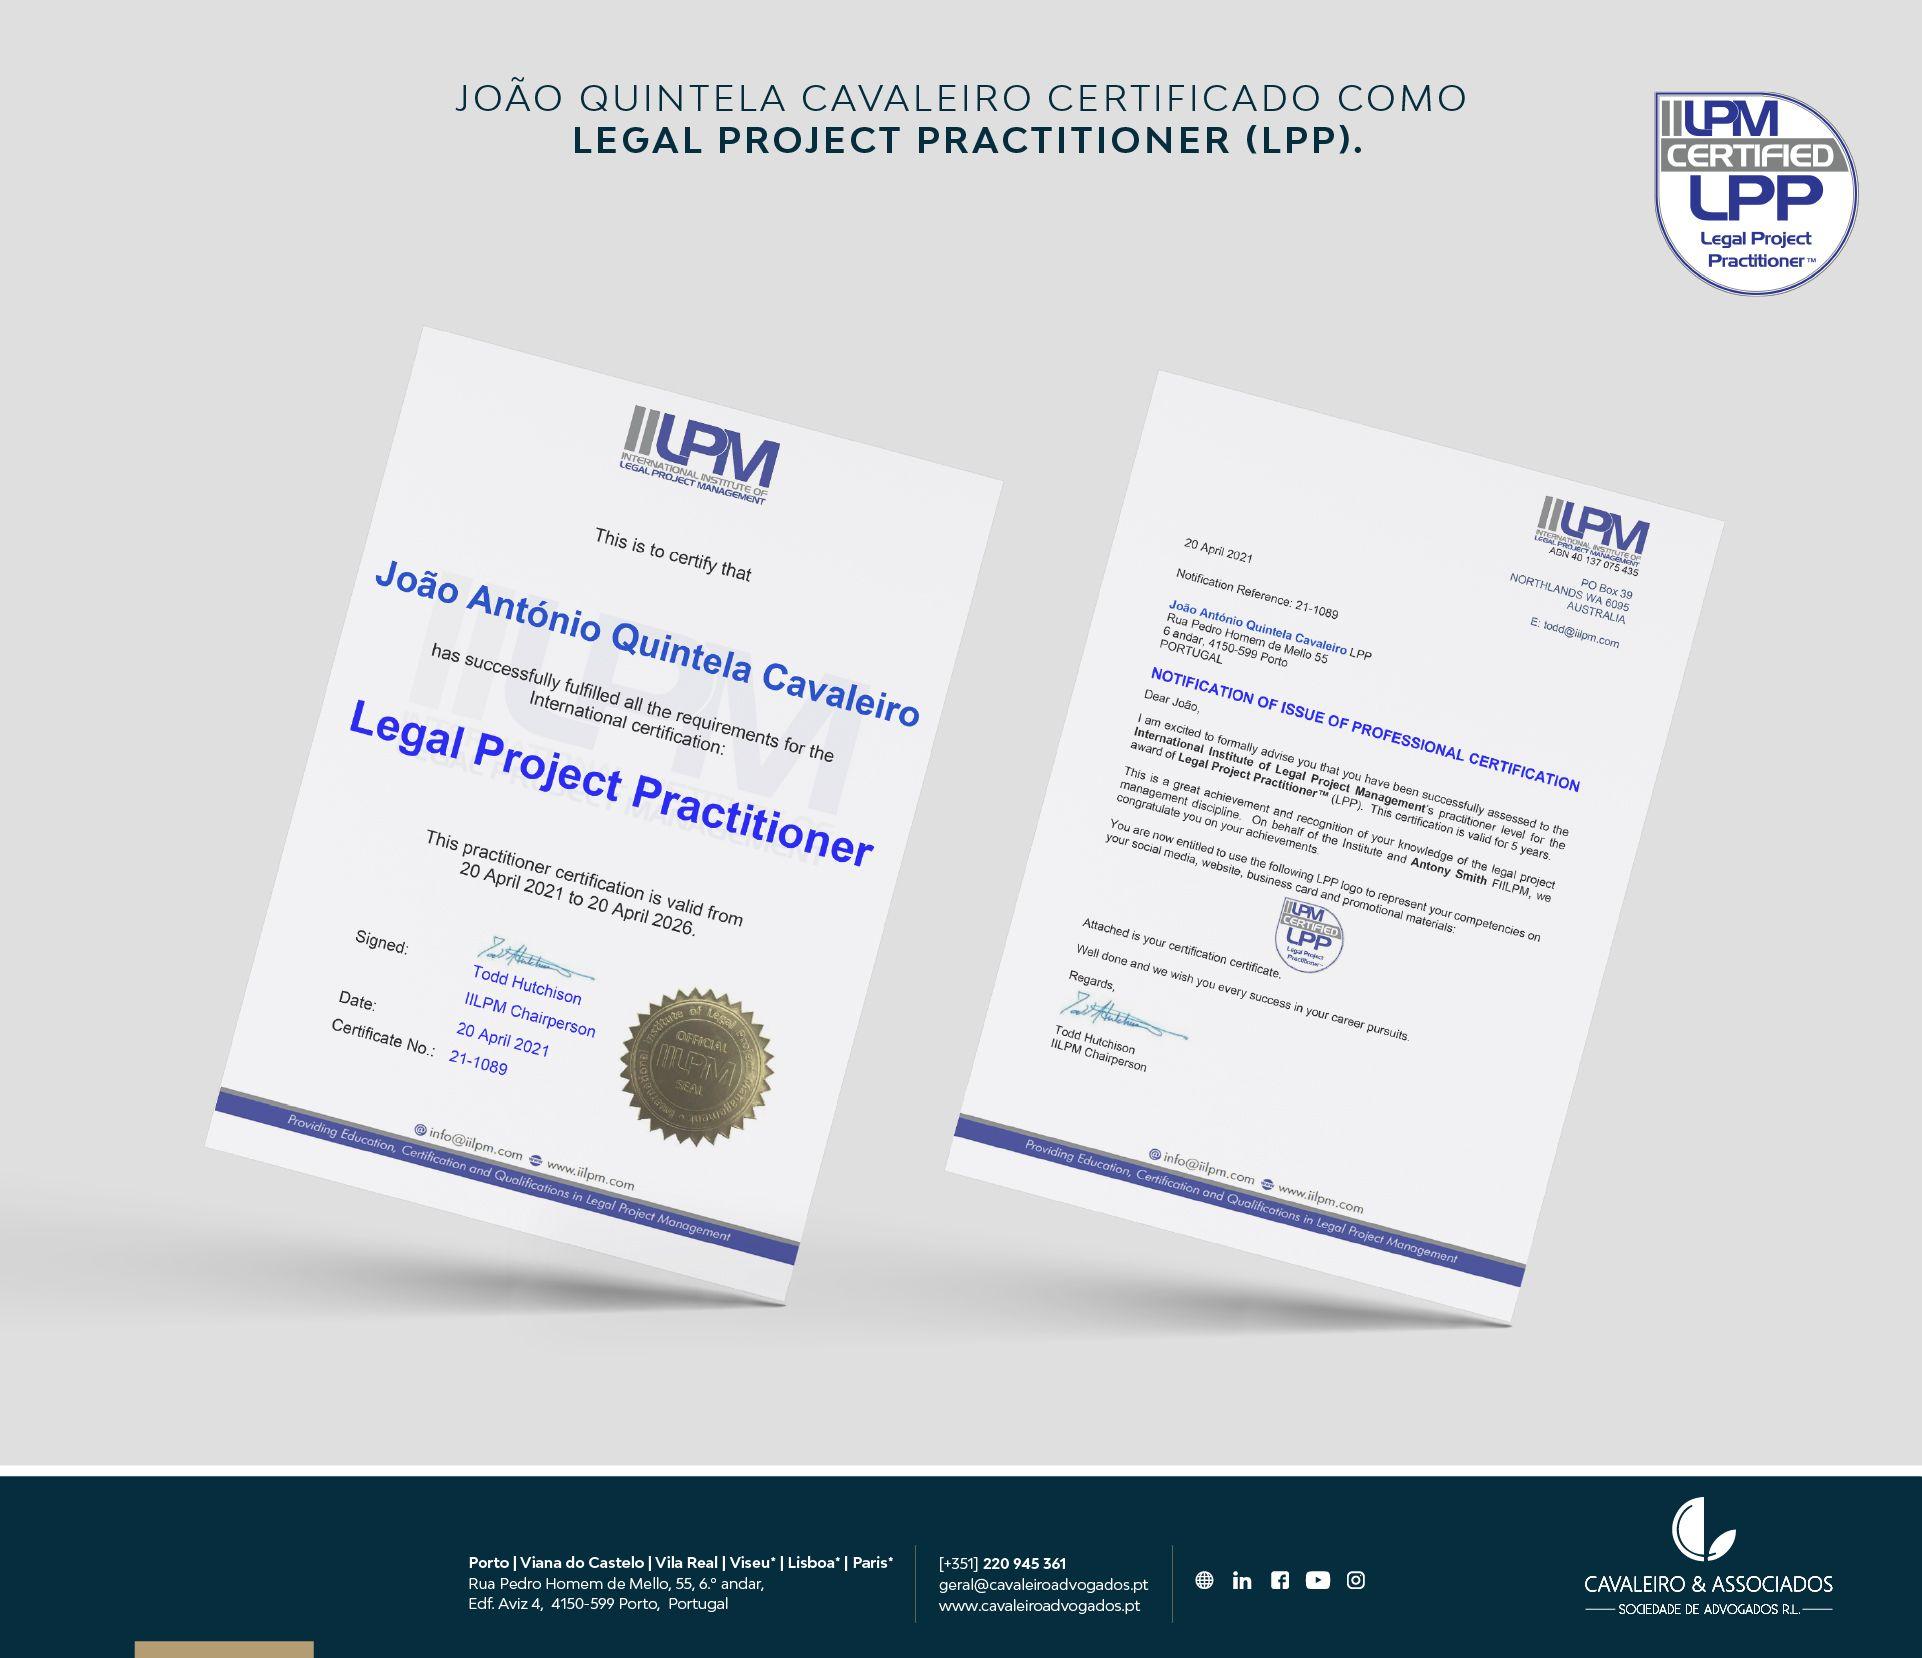 João Quintela Cavaleiro certificado como Legal Project Practitioner (LPP).